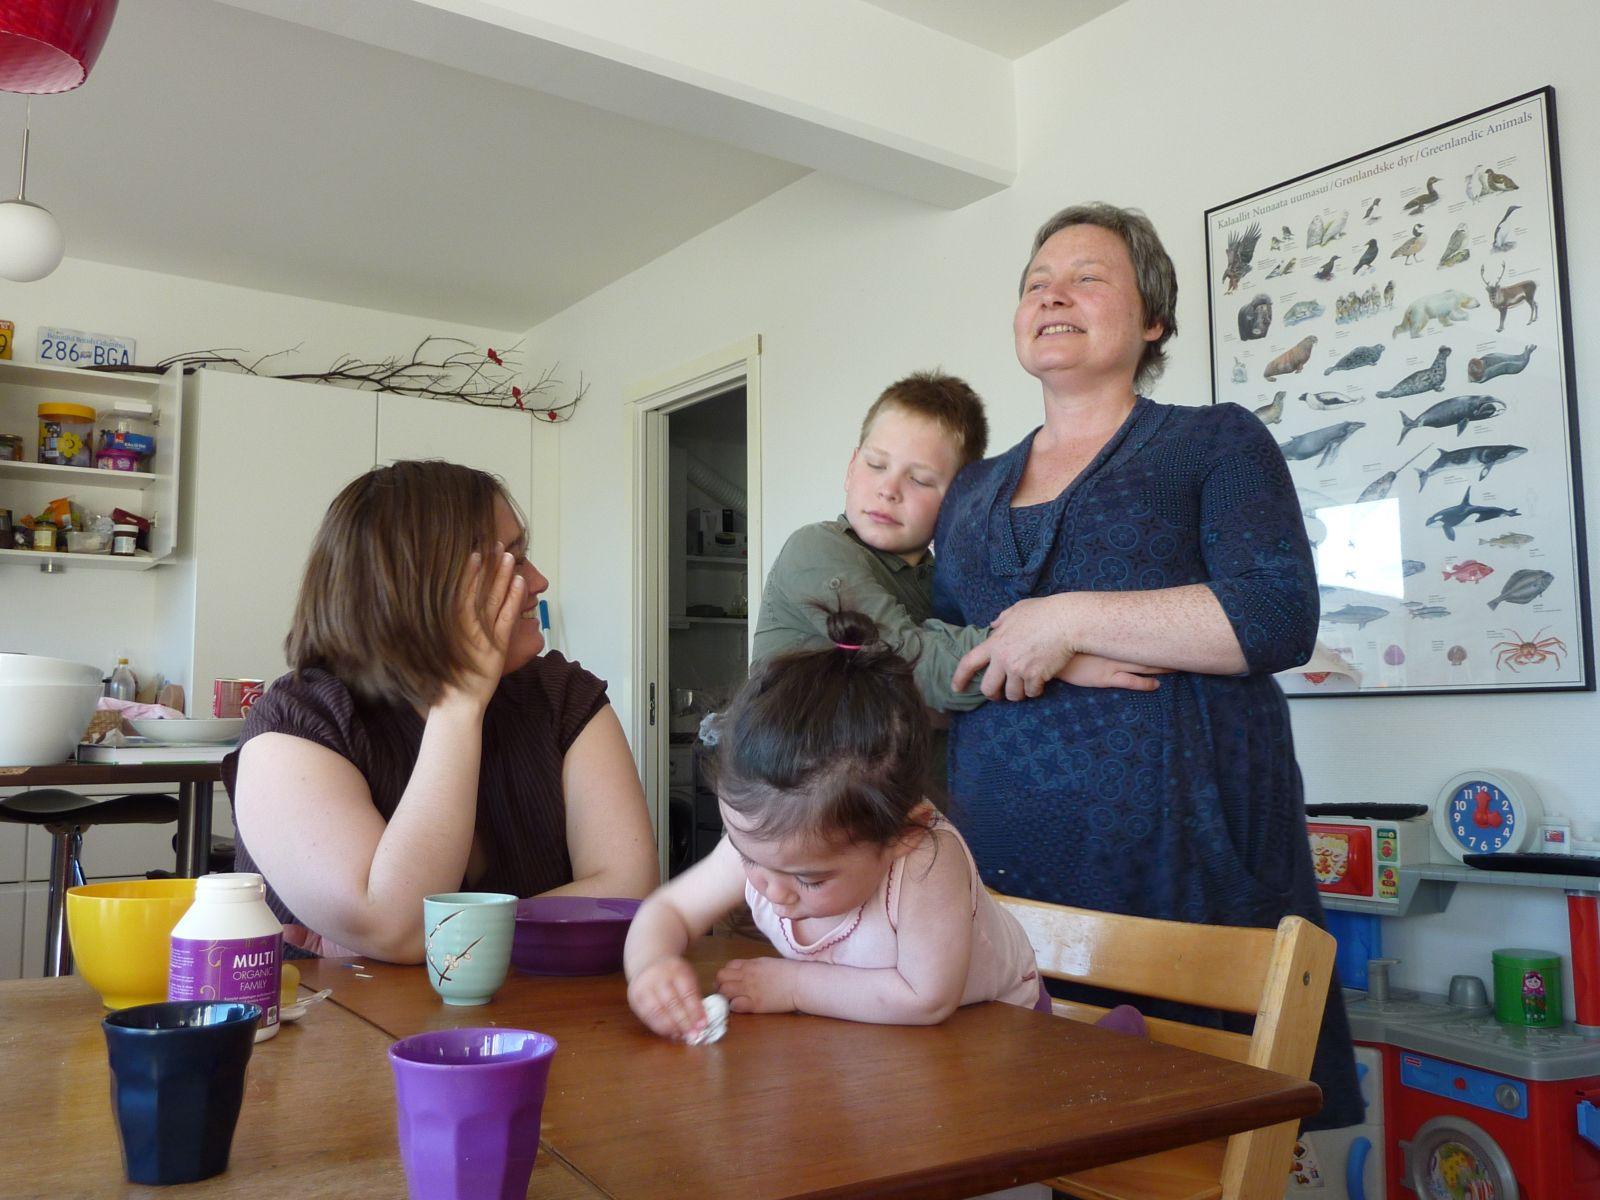 2010-07-07-2003_-_Maritha Eugenius Labansen; Mette Labansen; Qupanuk Eugenius Labansen; Rumle Labansen